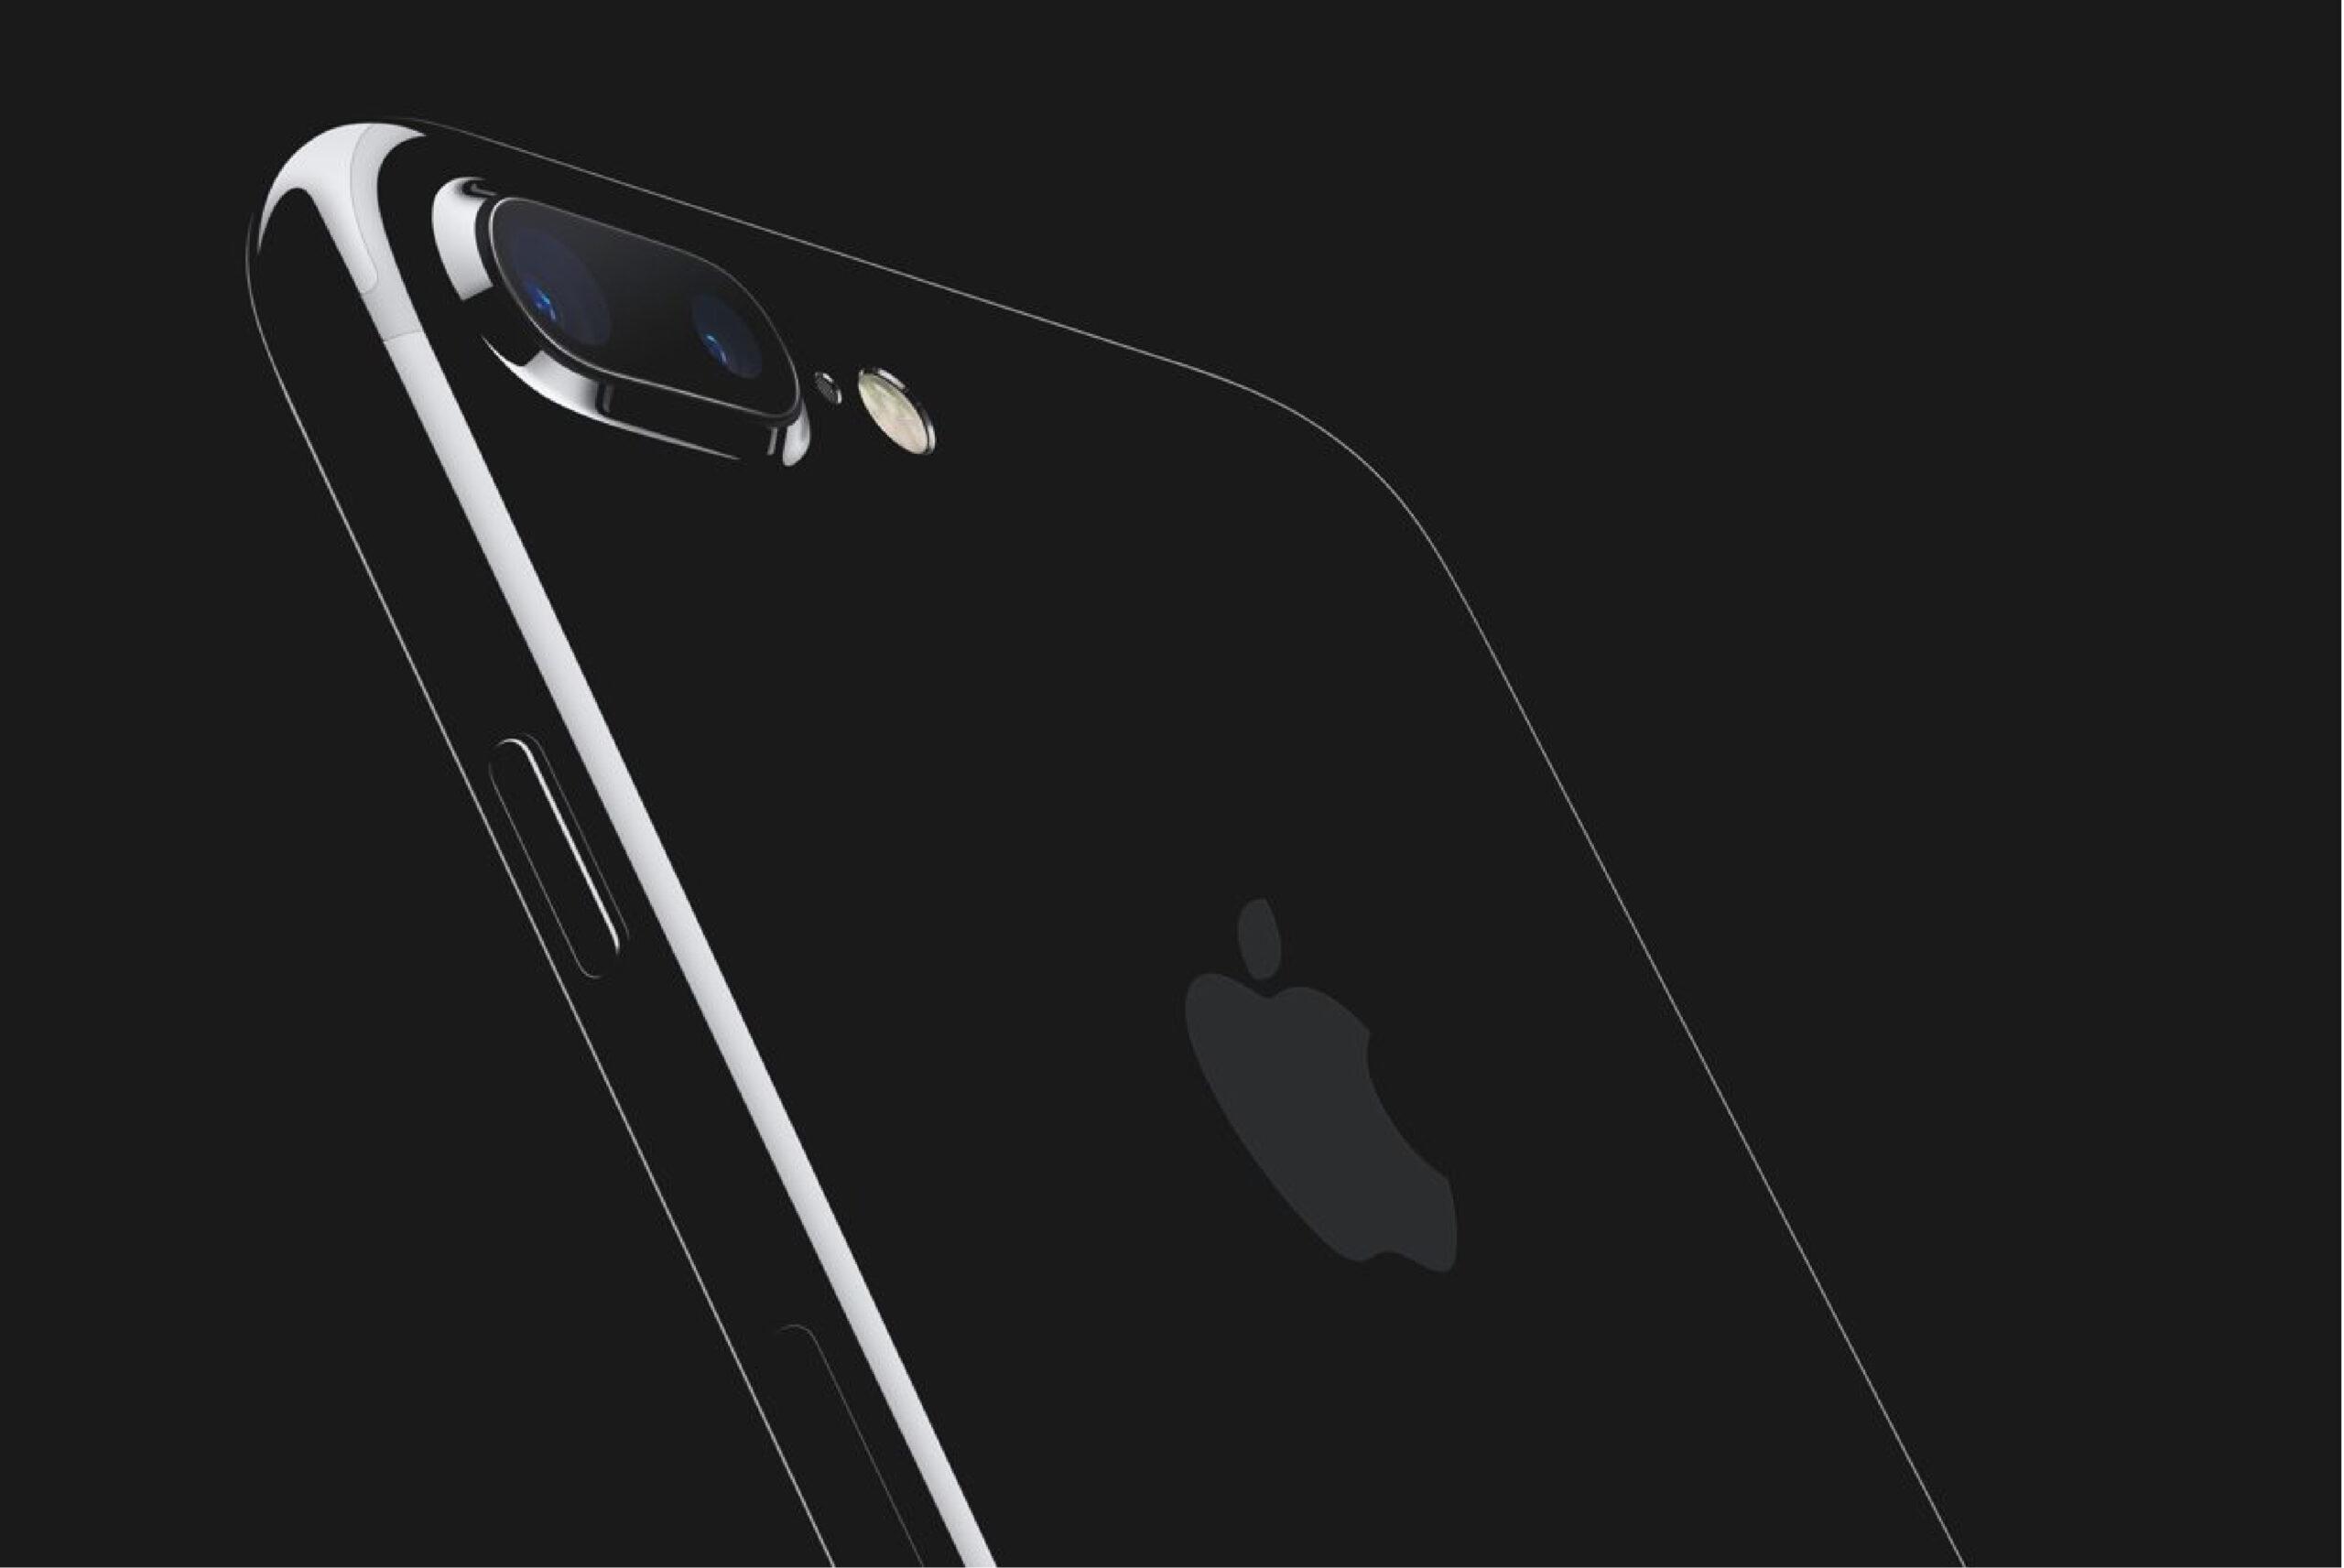 Descubra qual é a principal avaria dos iPhone 7!